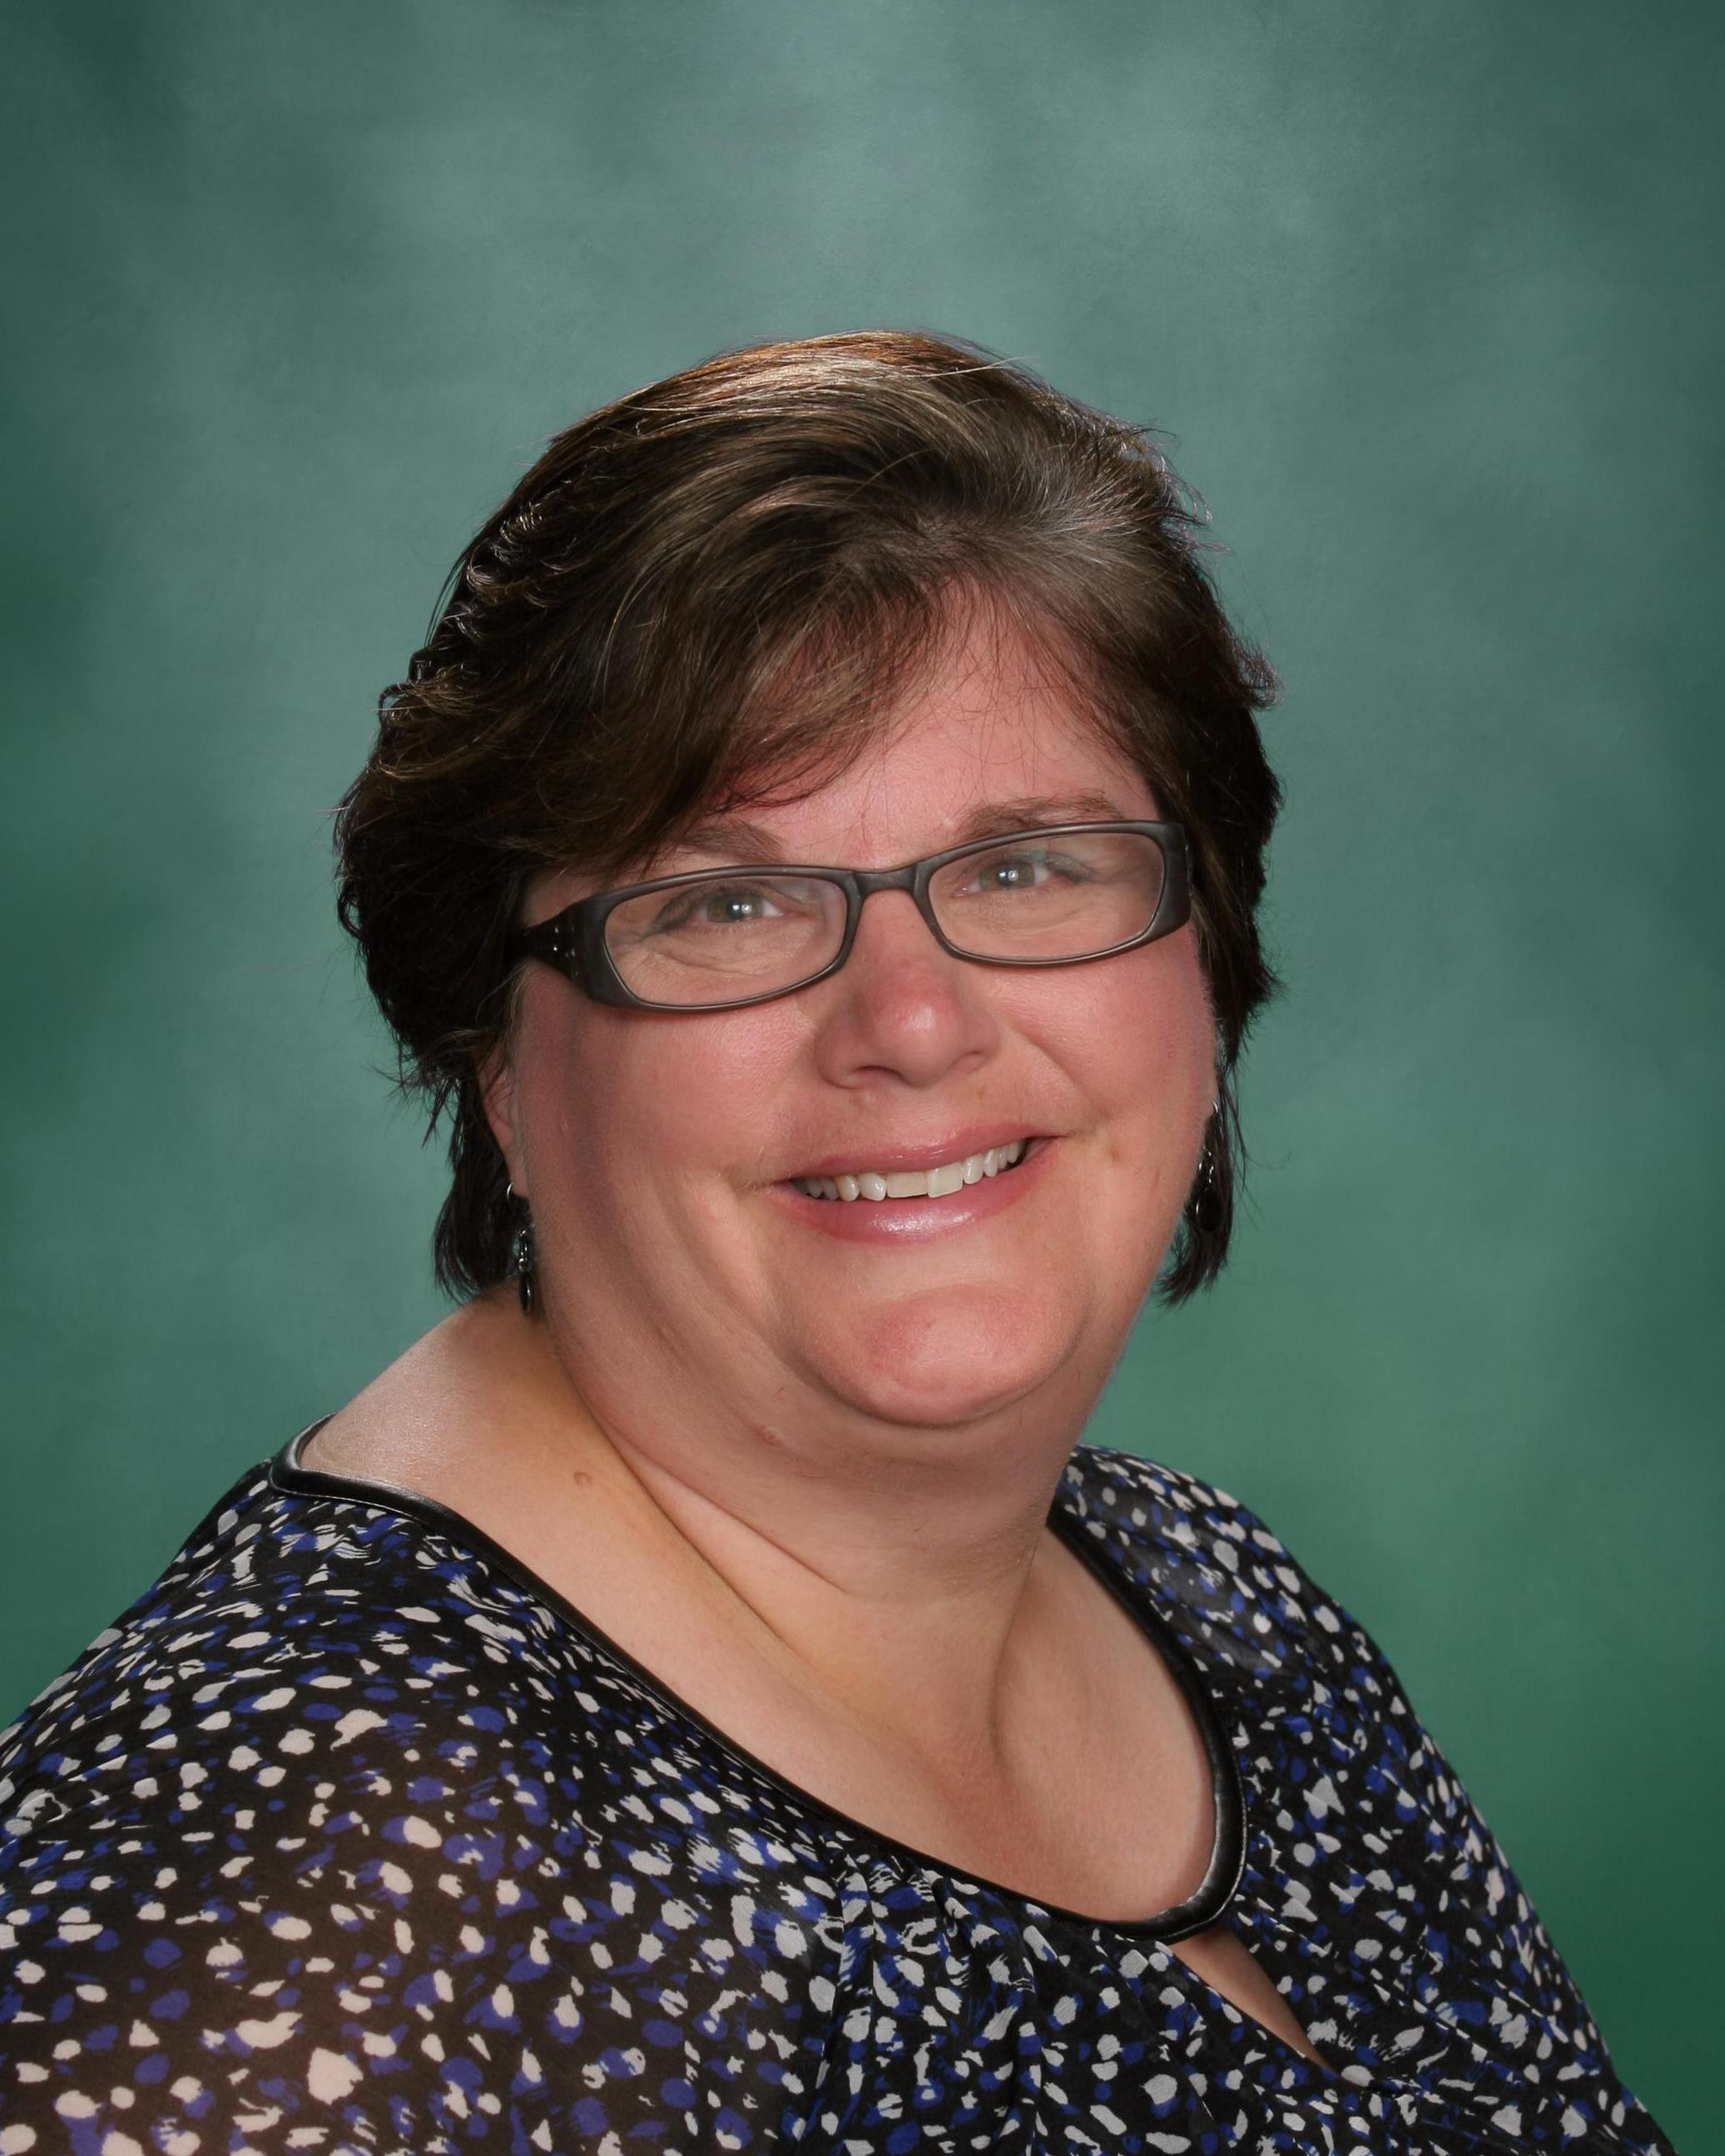 Mrs. Witte